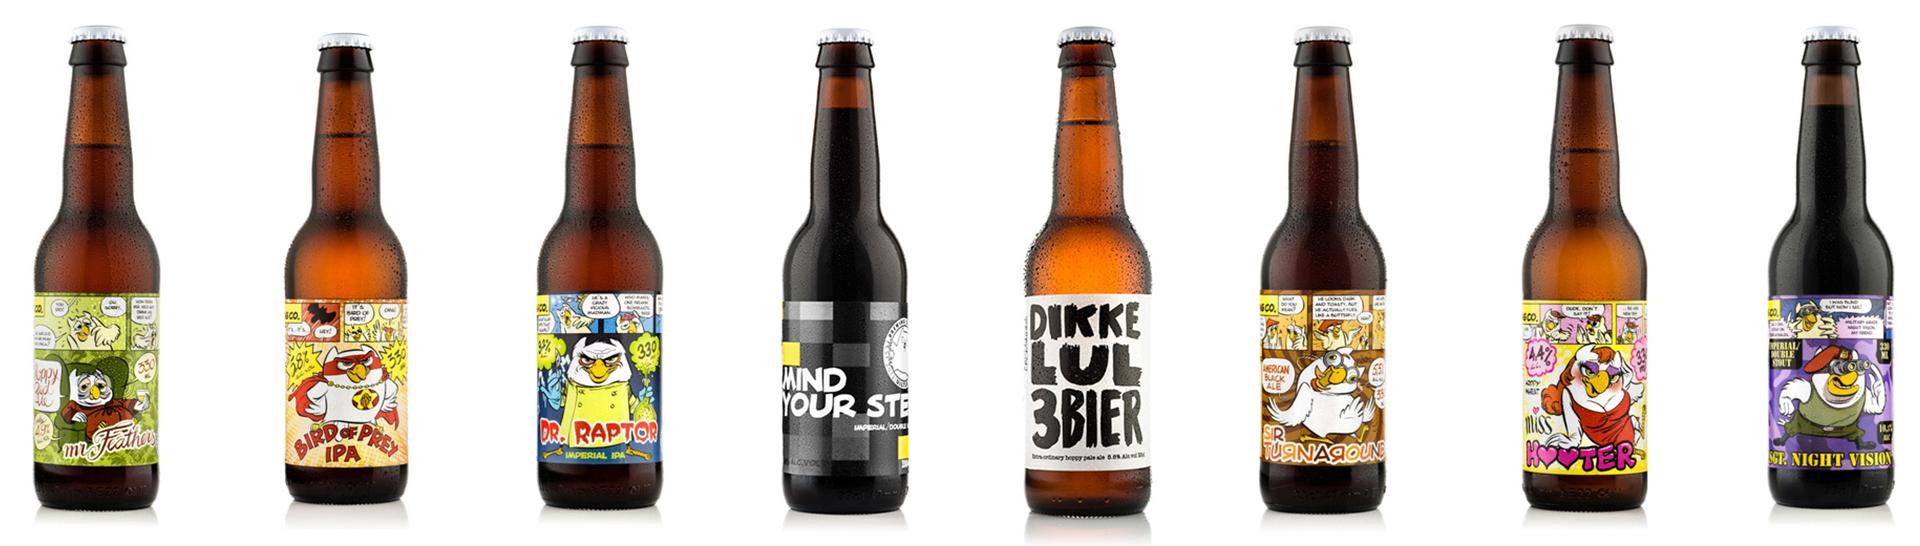 pils-bier-brouwerij-nederland-haarlem-uiltje-foto-02